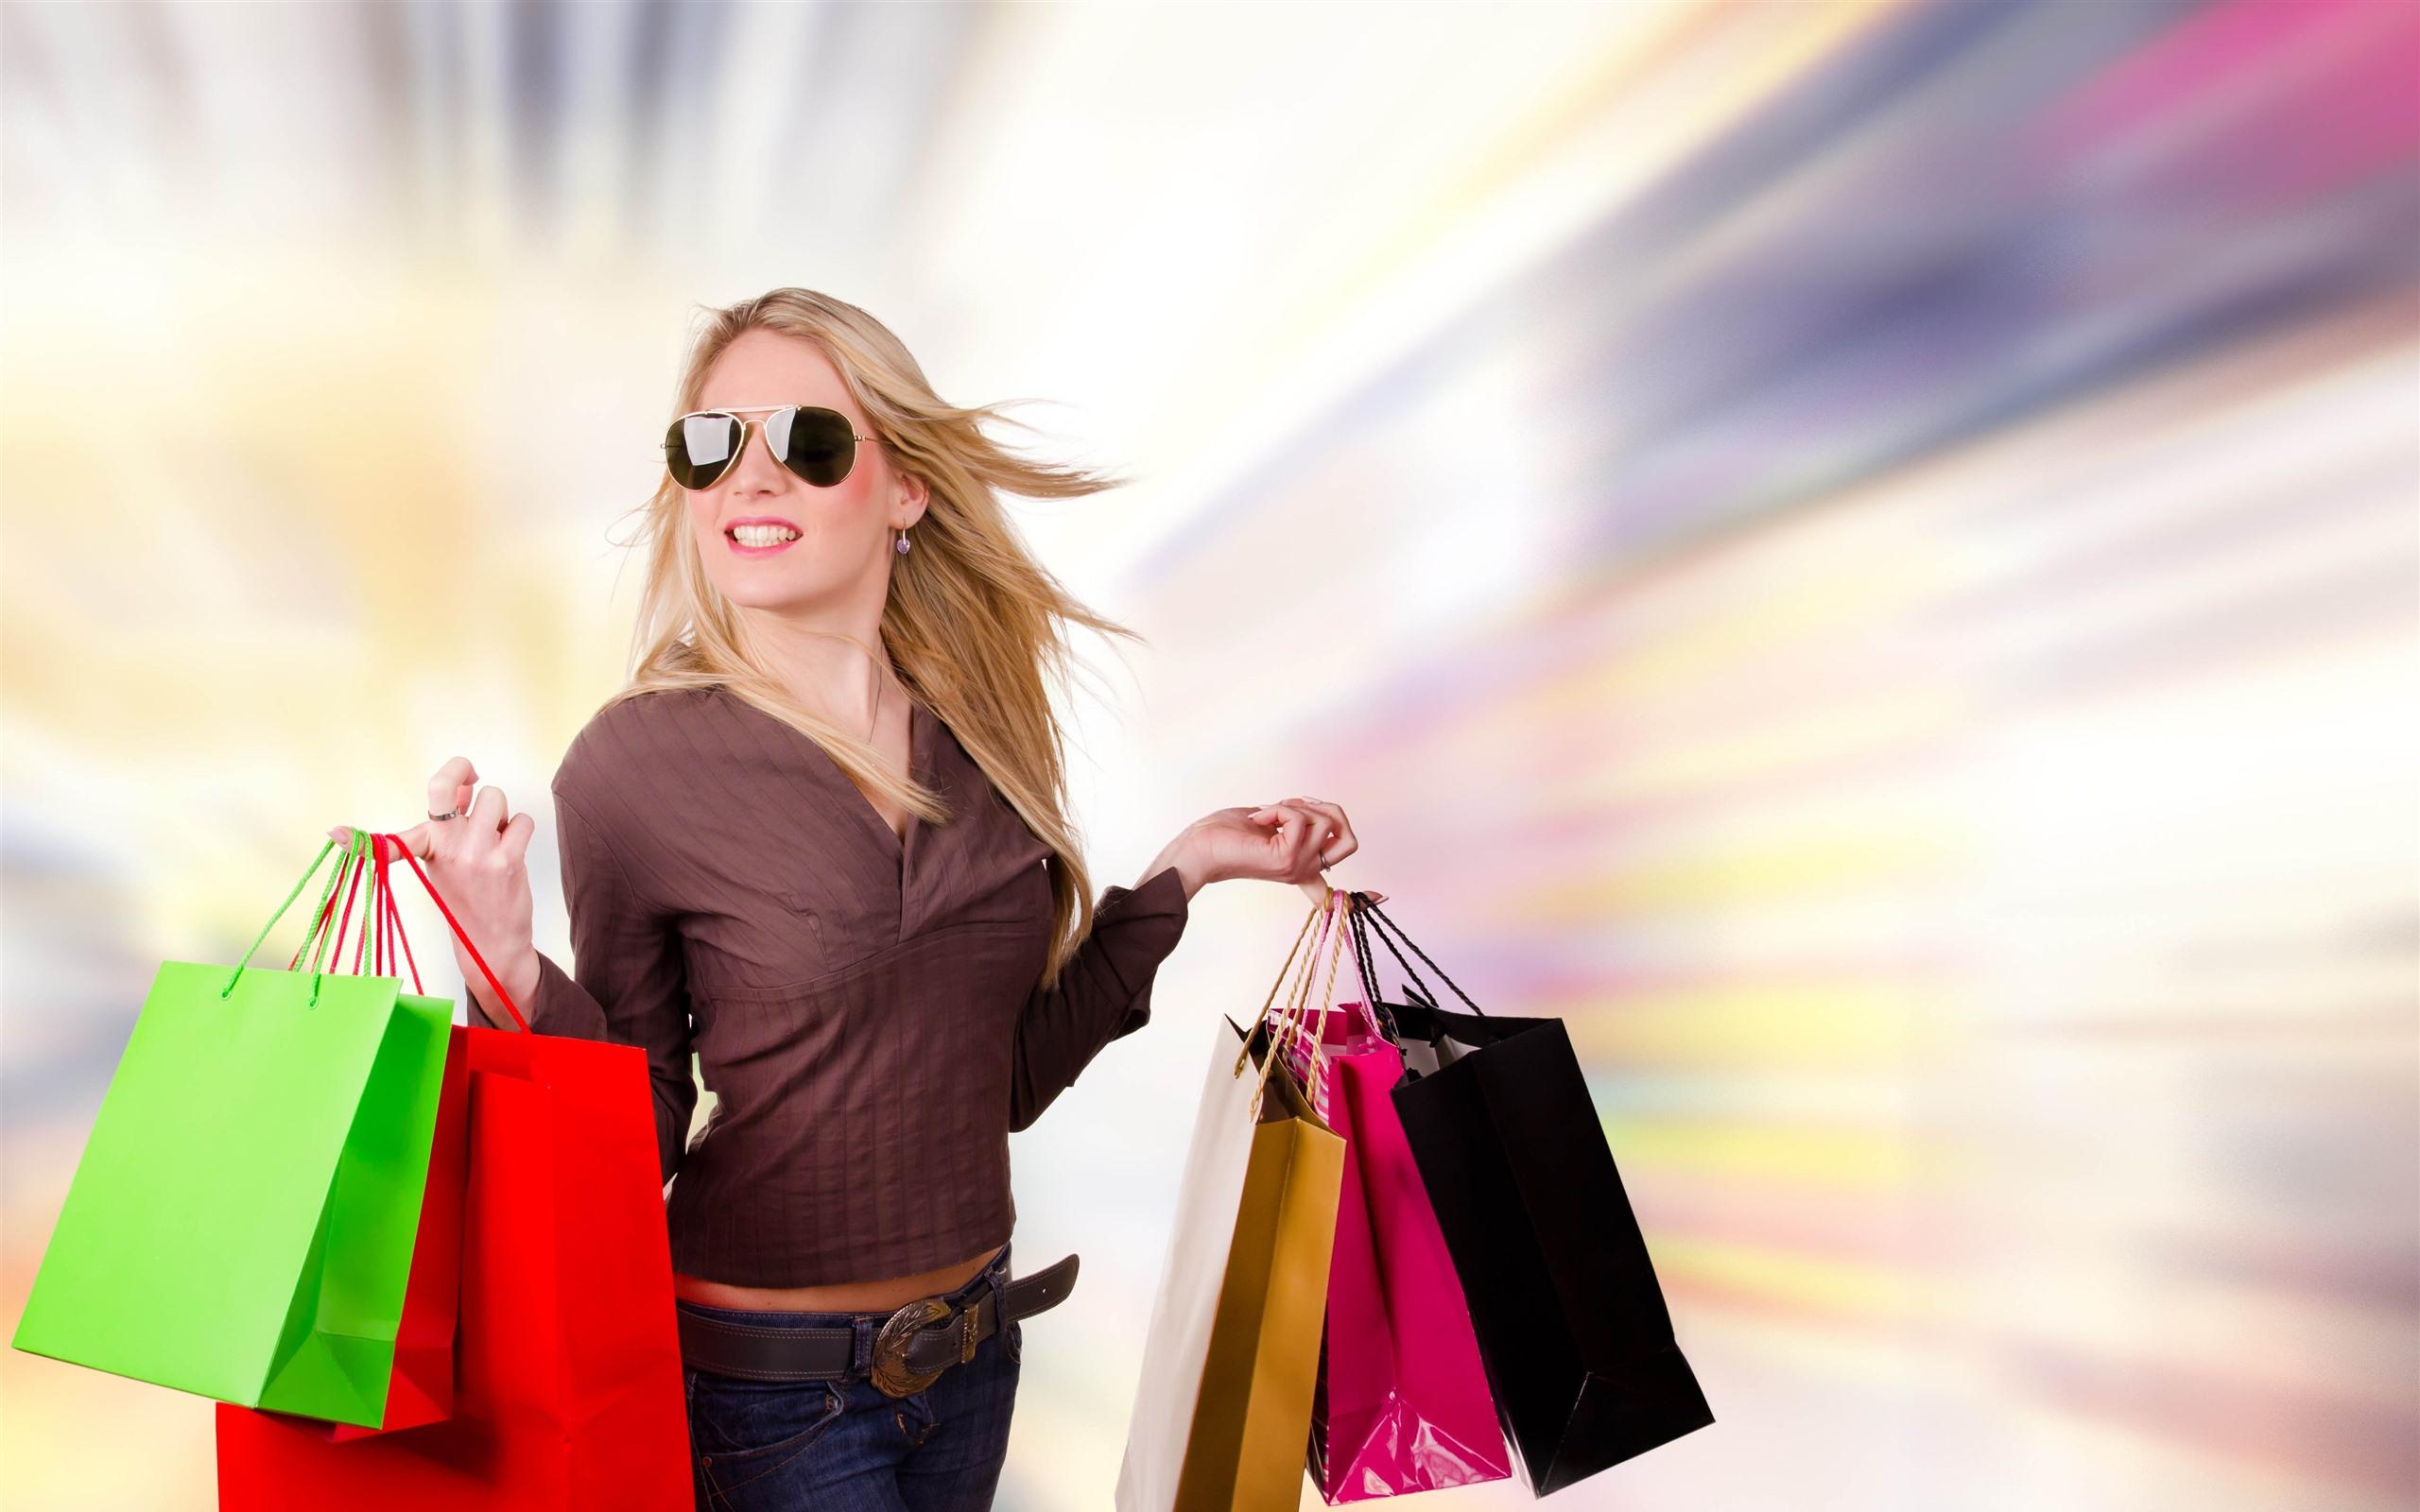 картинки шопинга высокое разрешение этой